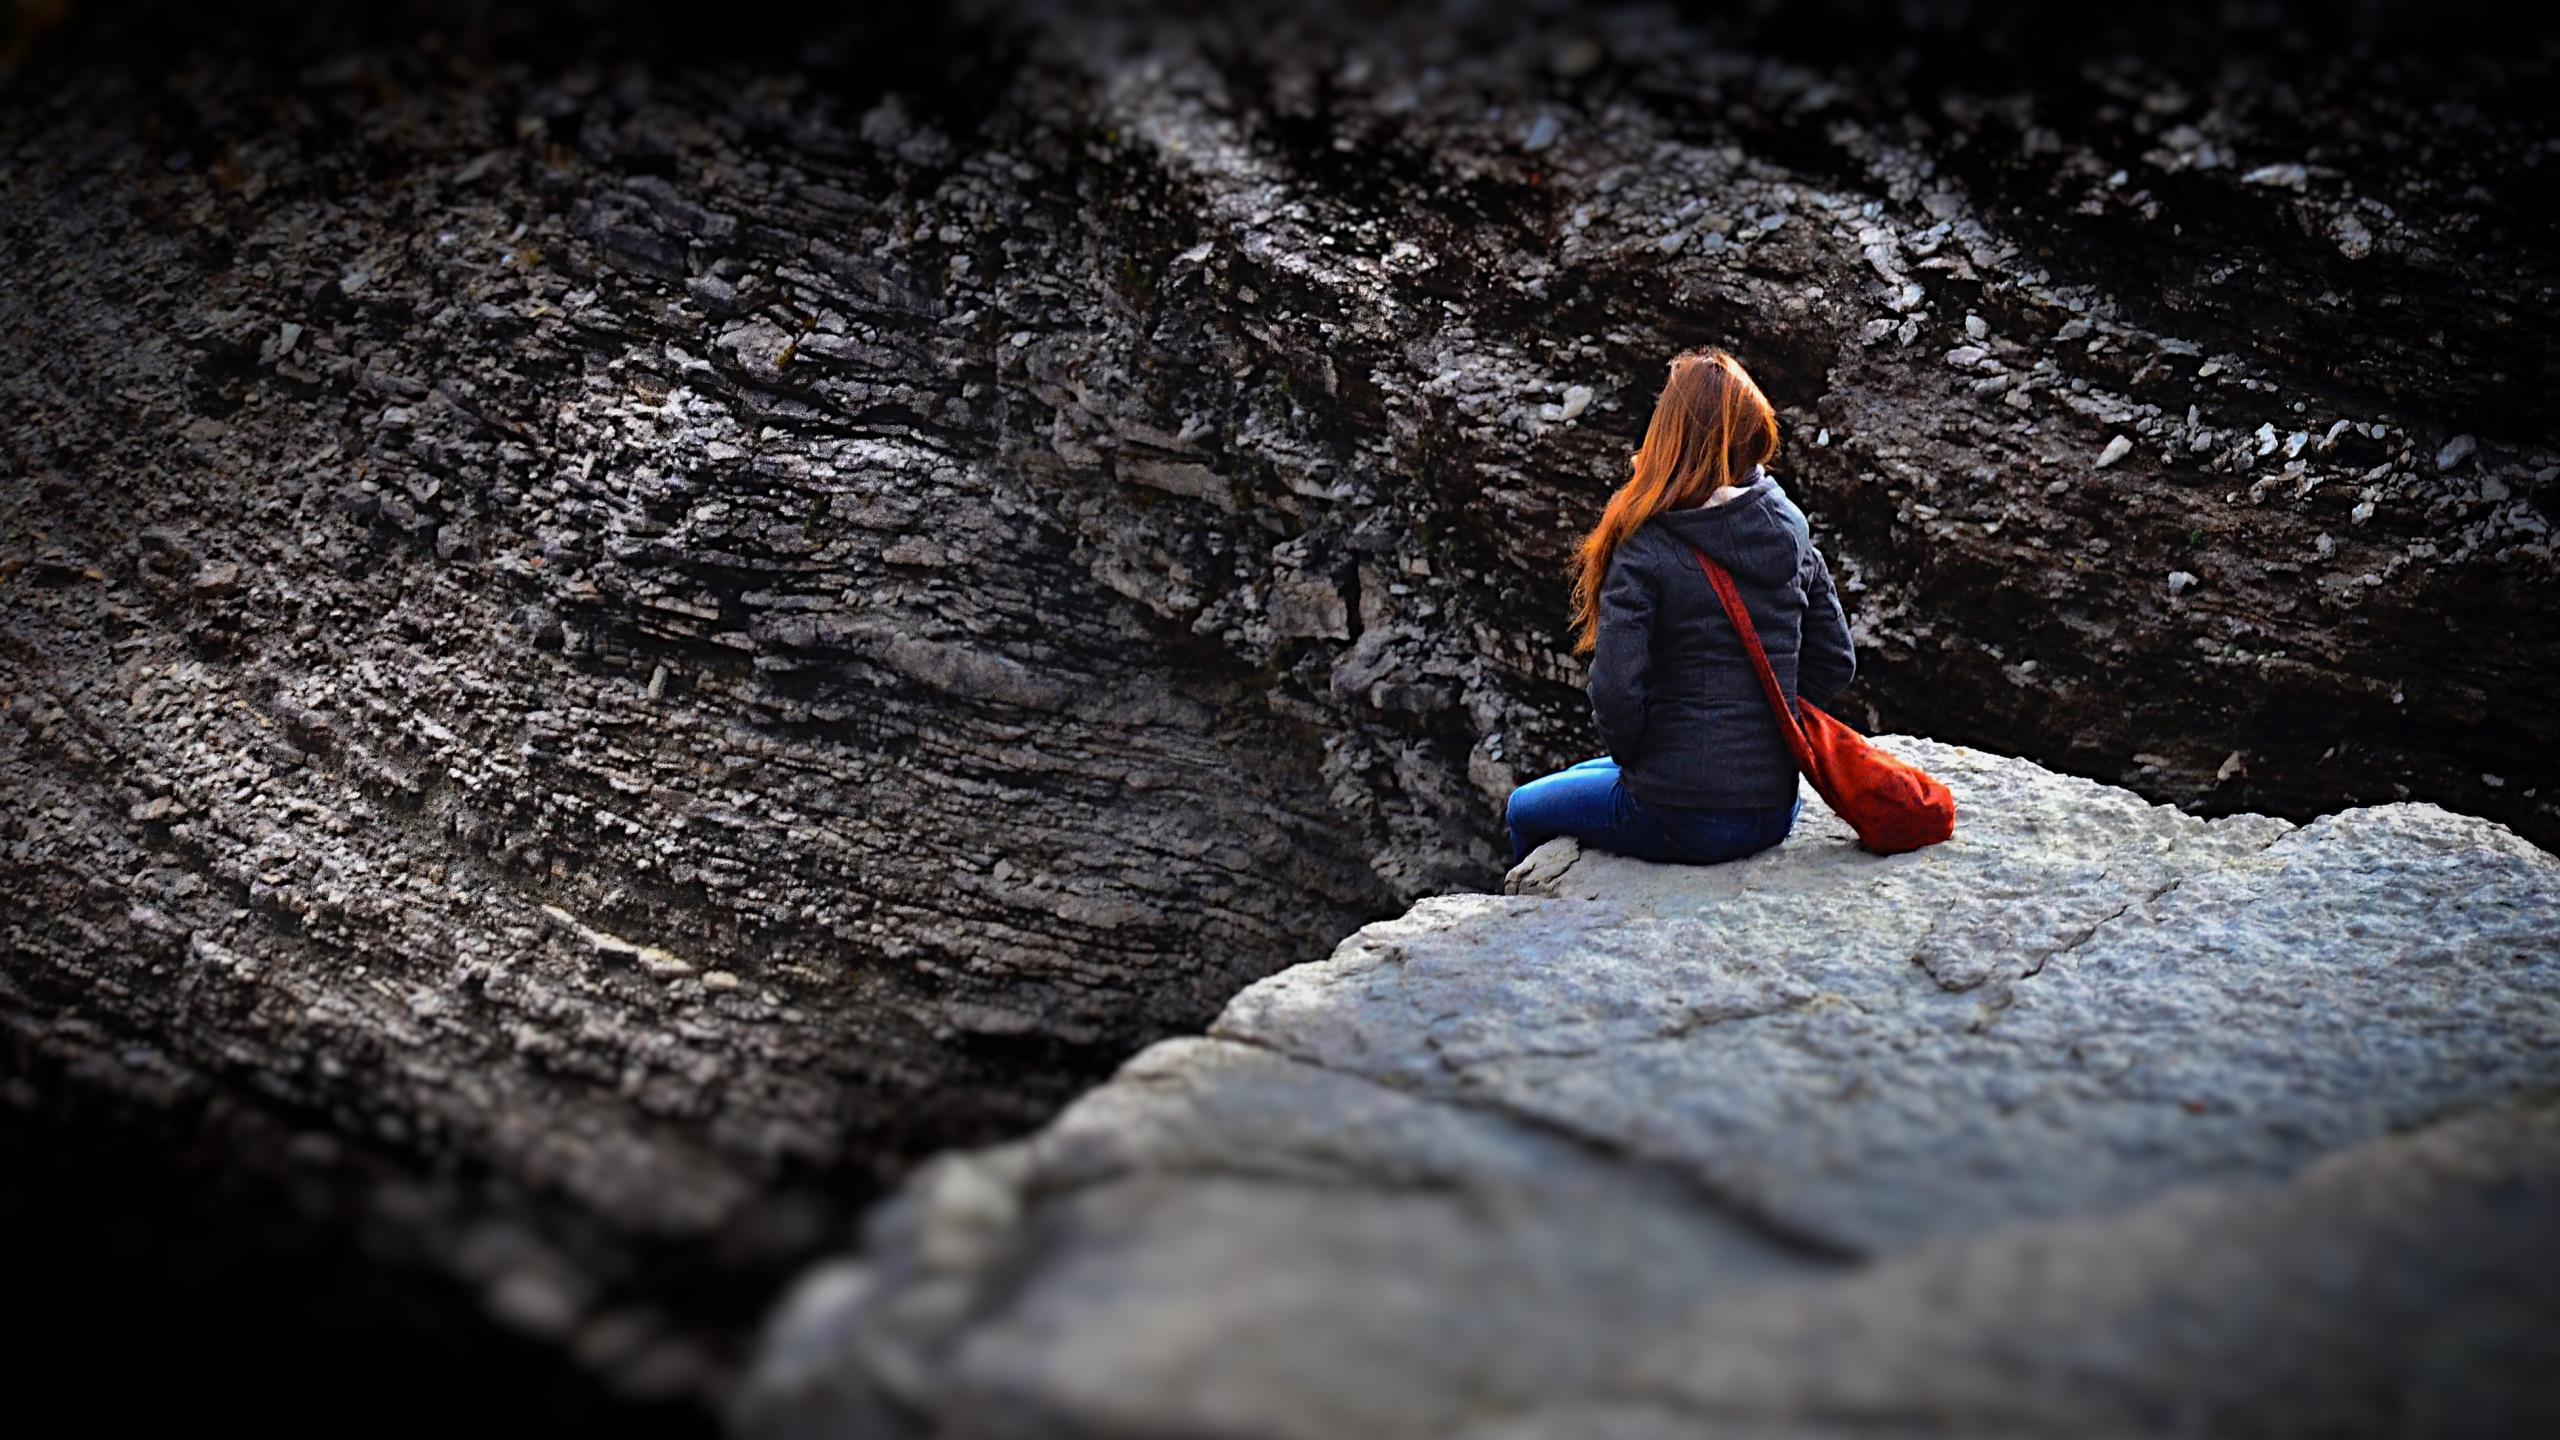 Прыжок в бездну: как уберечь близких людей от суицида?